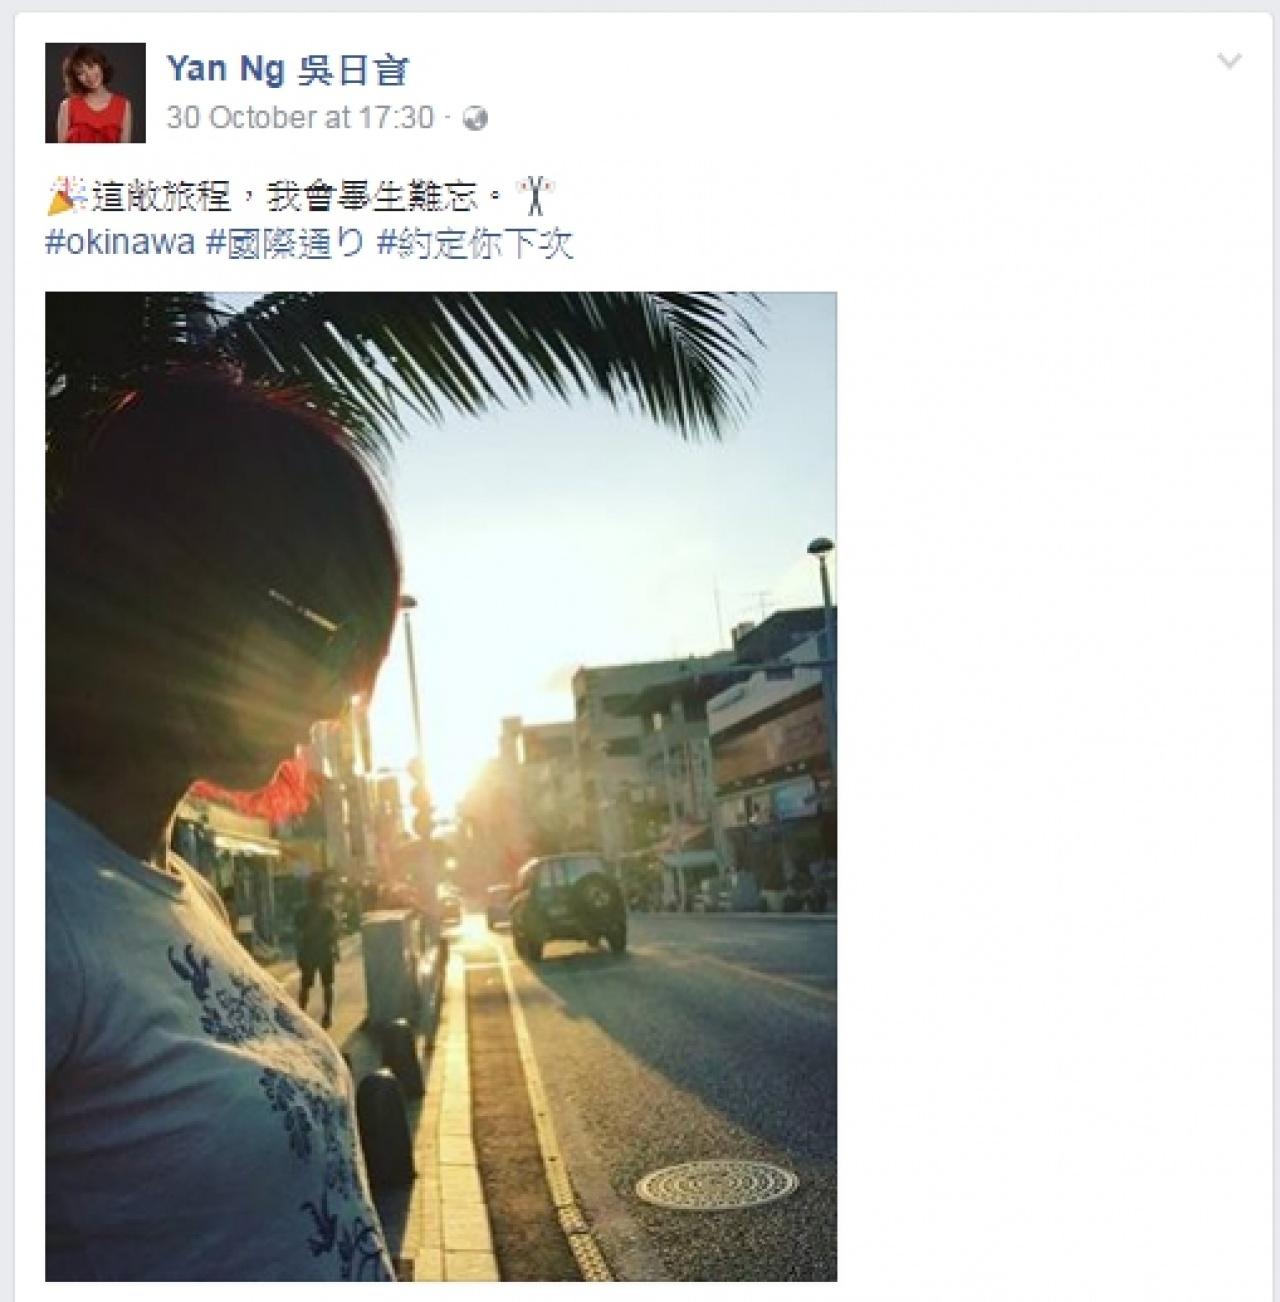 雖然吳日言由求婚到註冊都秘密進行,但上月底她在Facebook曾表示「這敞旅程,我會畢生難忘」,已透露玄機表示將會成為人妻。(Facebook圖片)